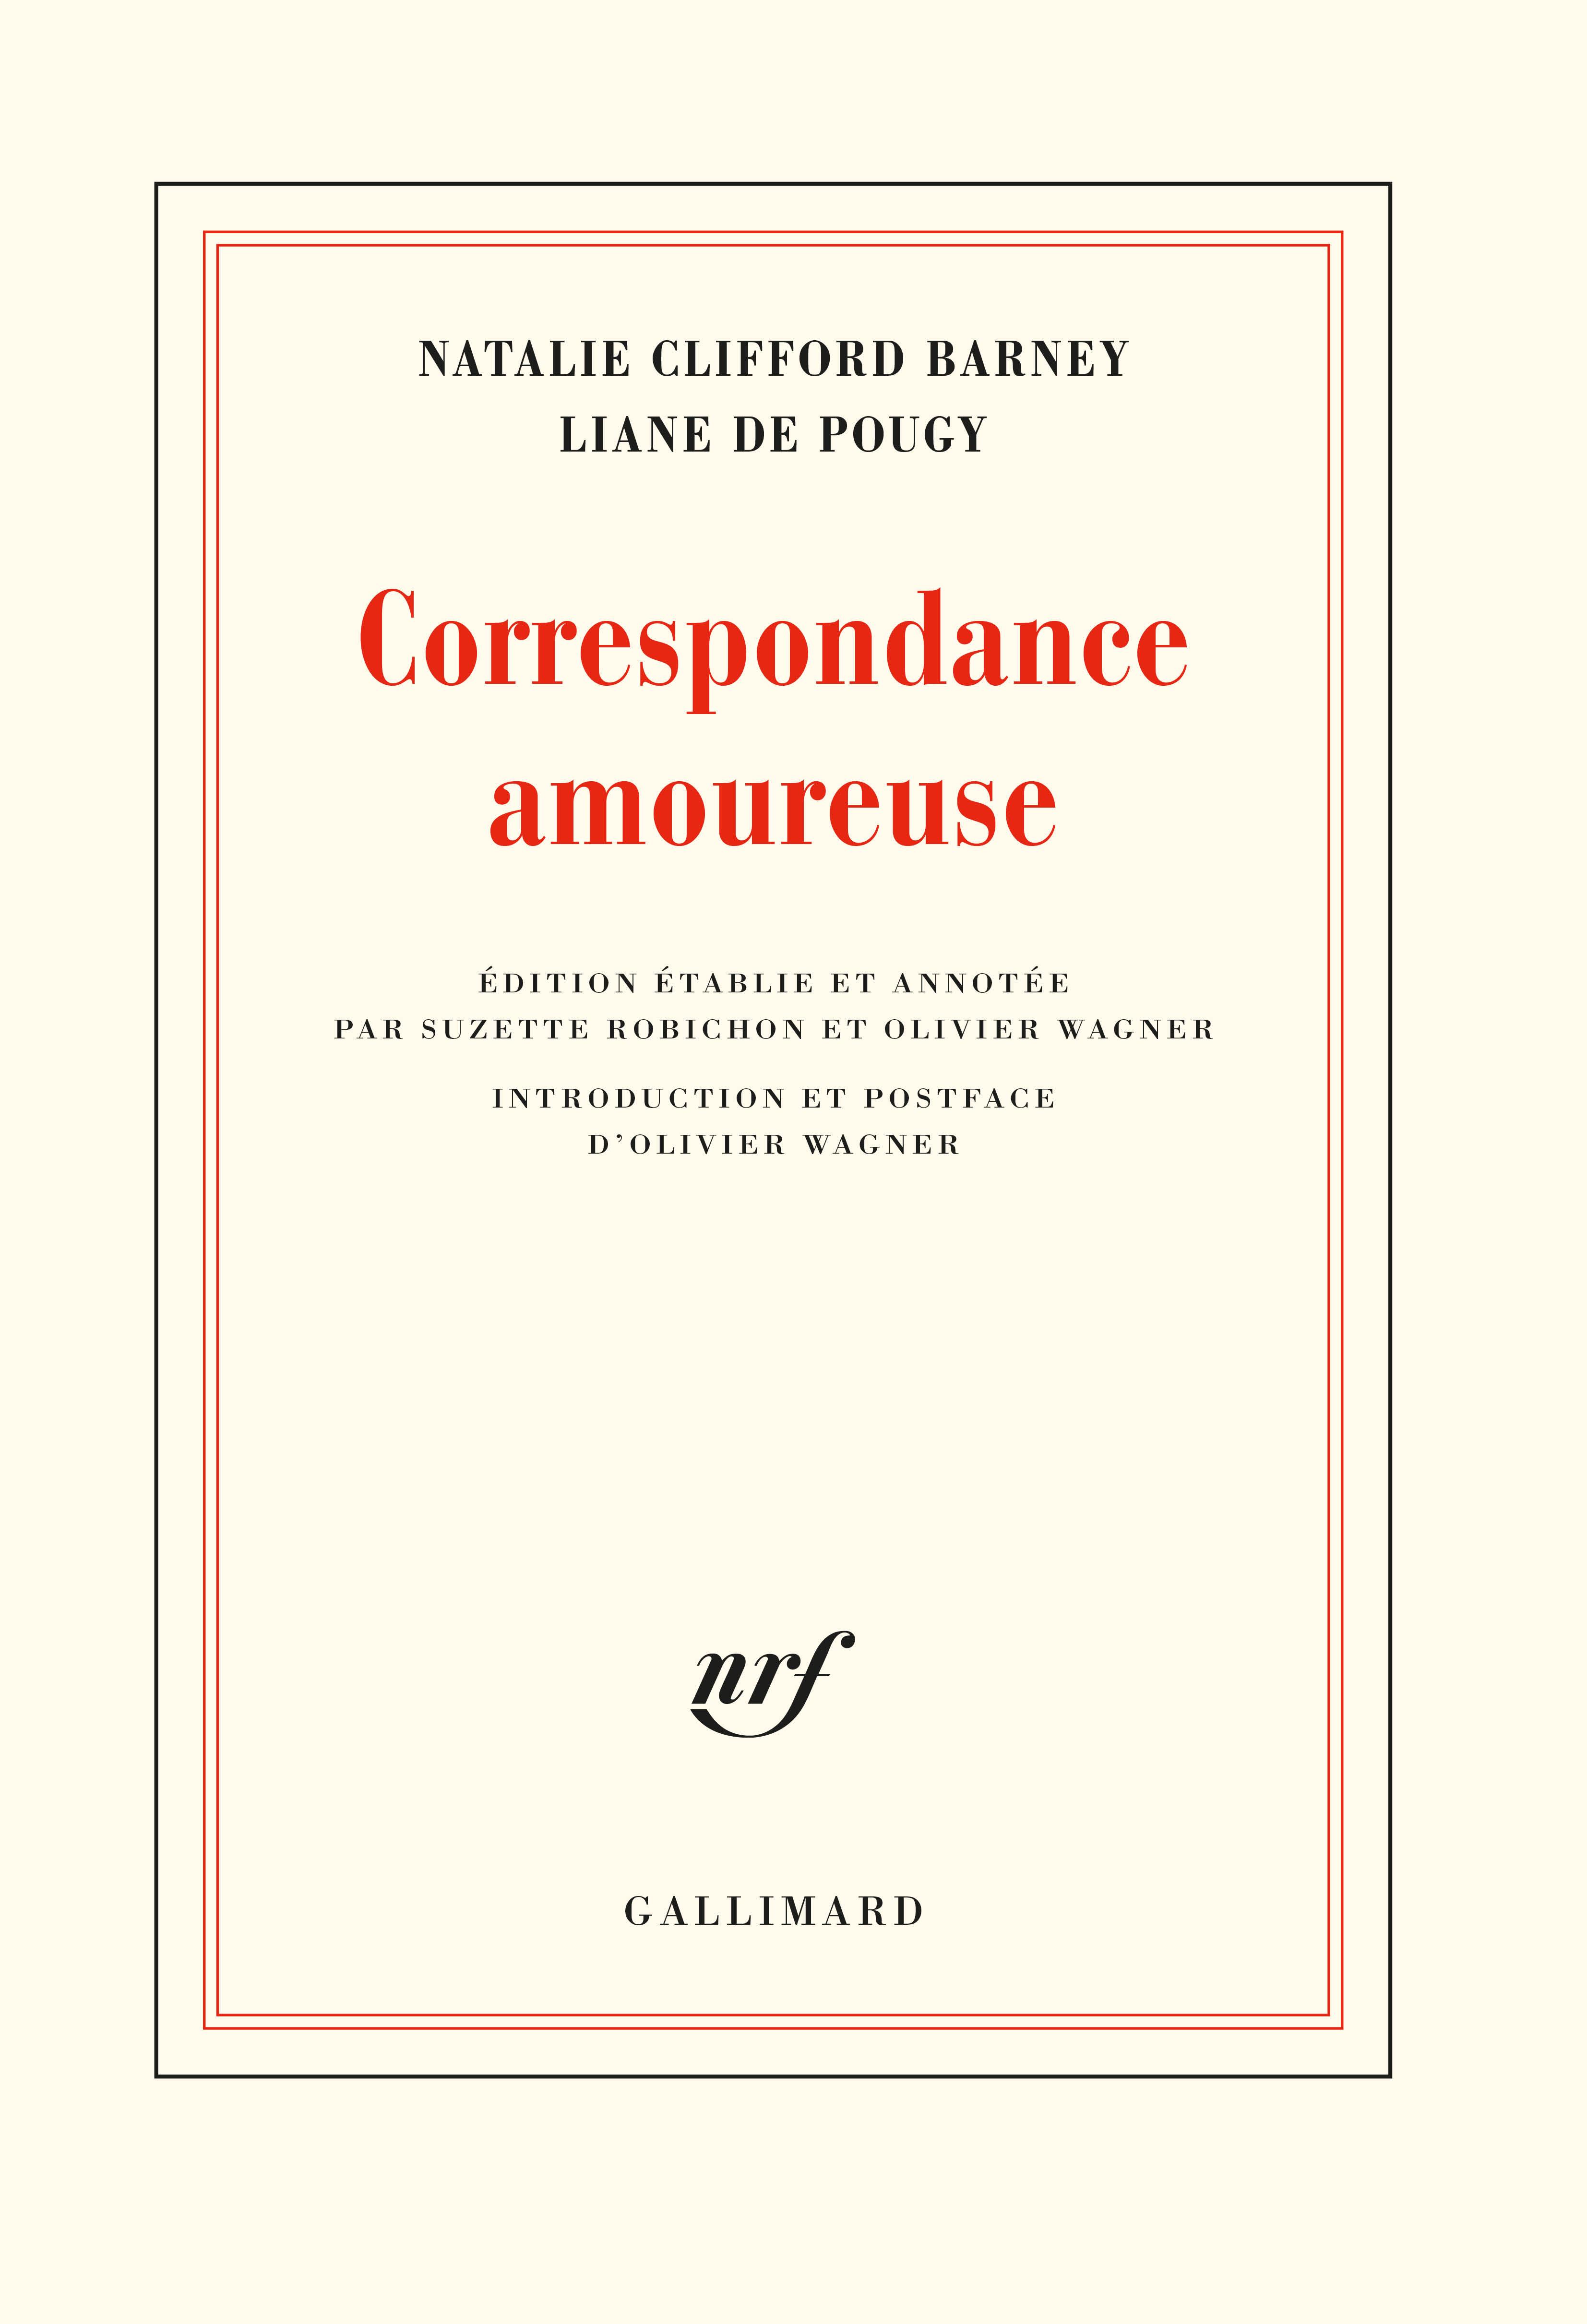 N. Clifford Barney, L. de Pougy, Correspondance amoureuse